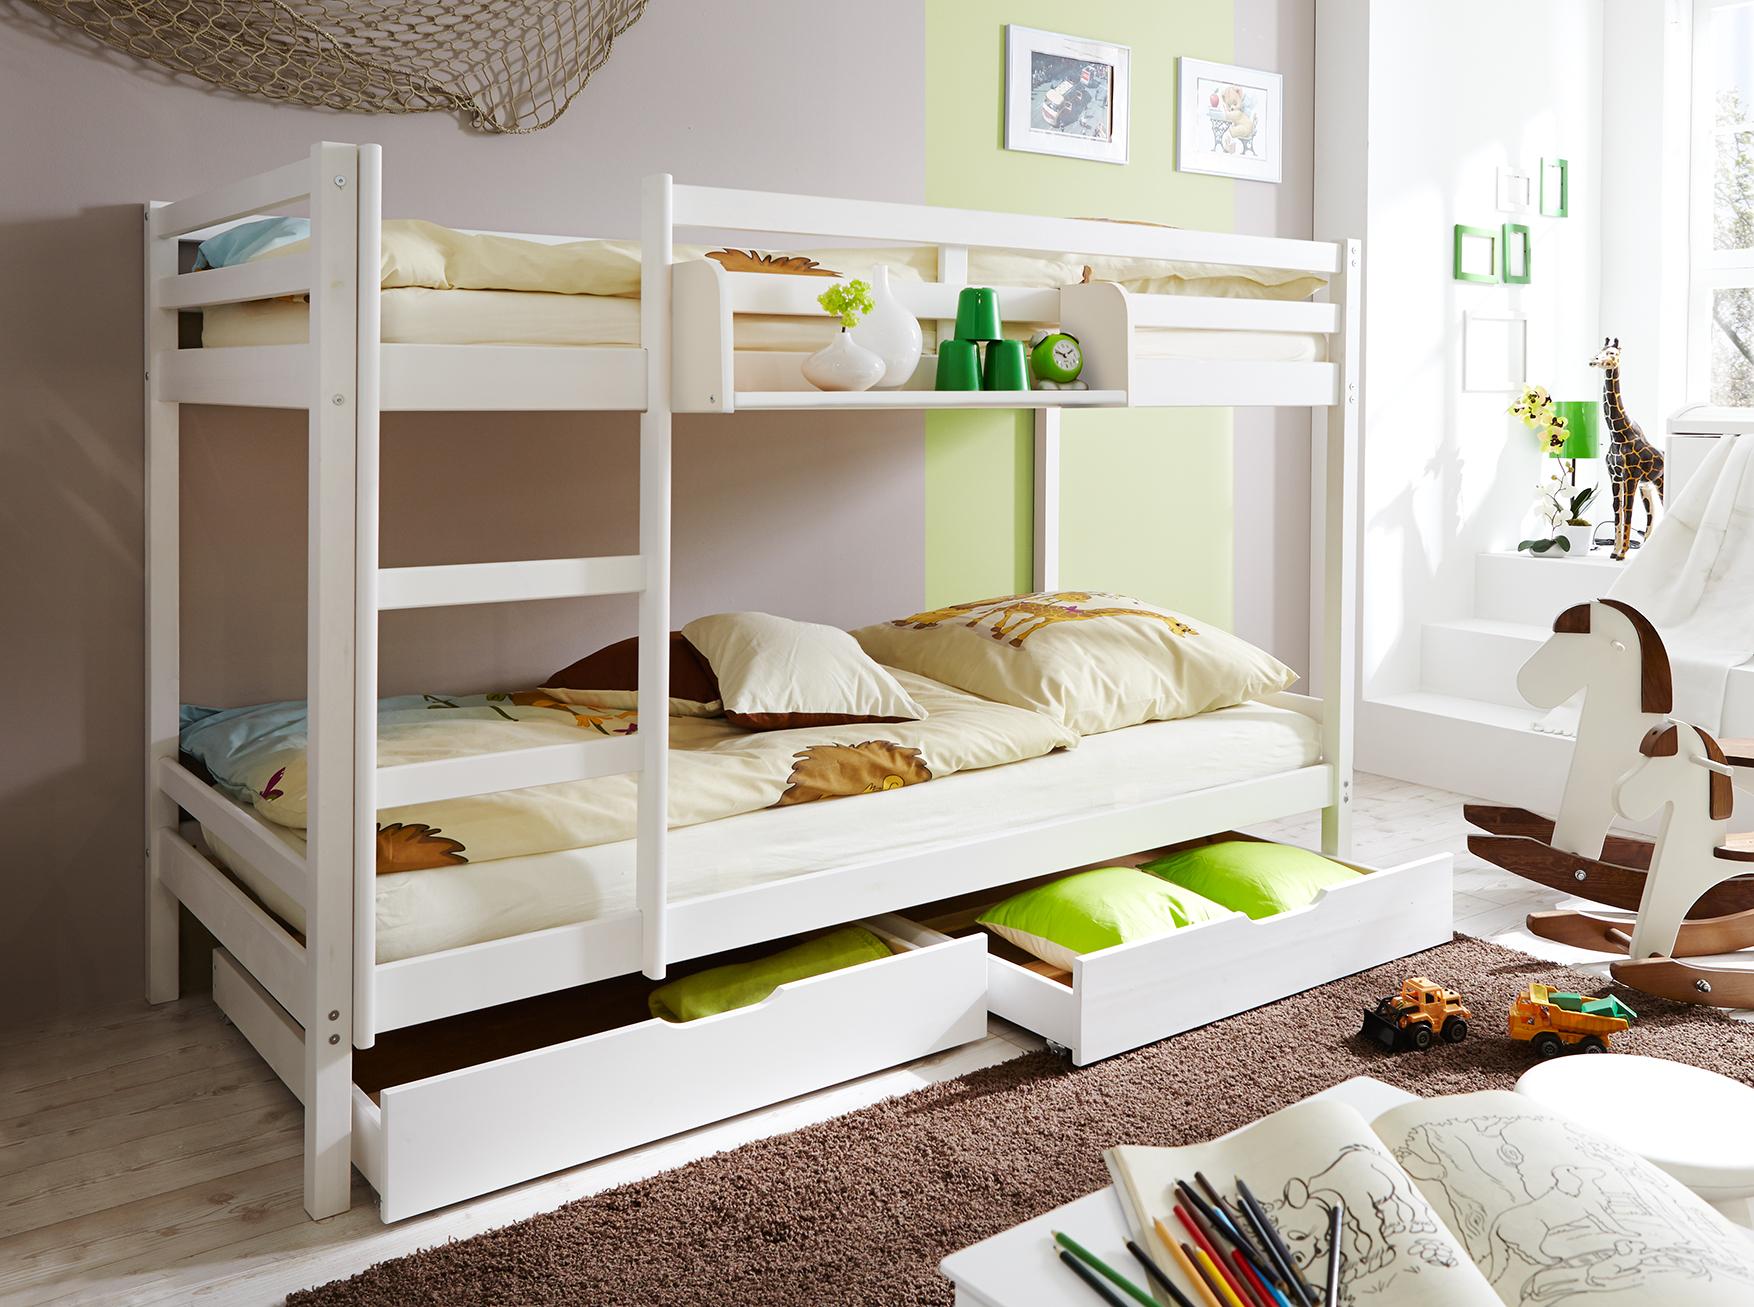 Etagenbett Kind Und Baby : Etagenbett doppelbett stockbett rene kiefer massiv weiss kind und baby